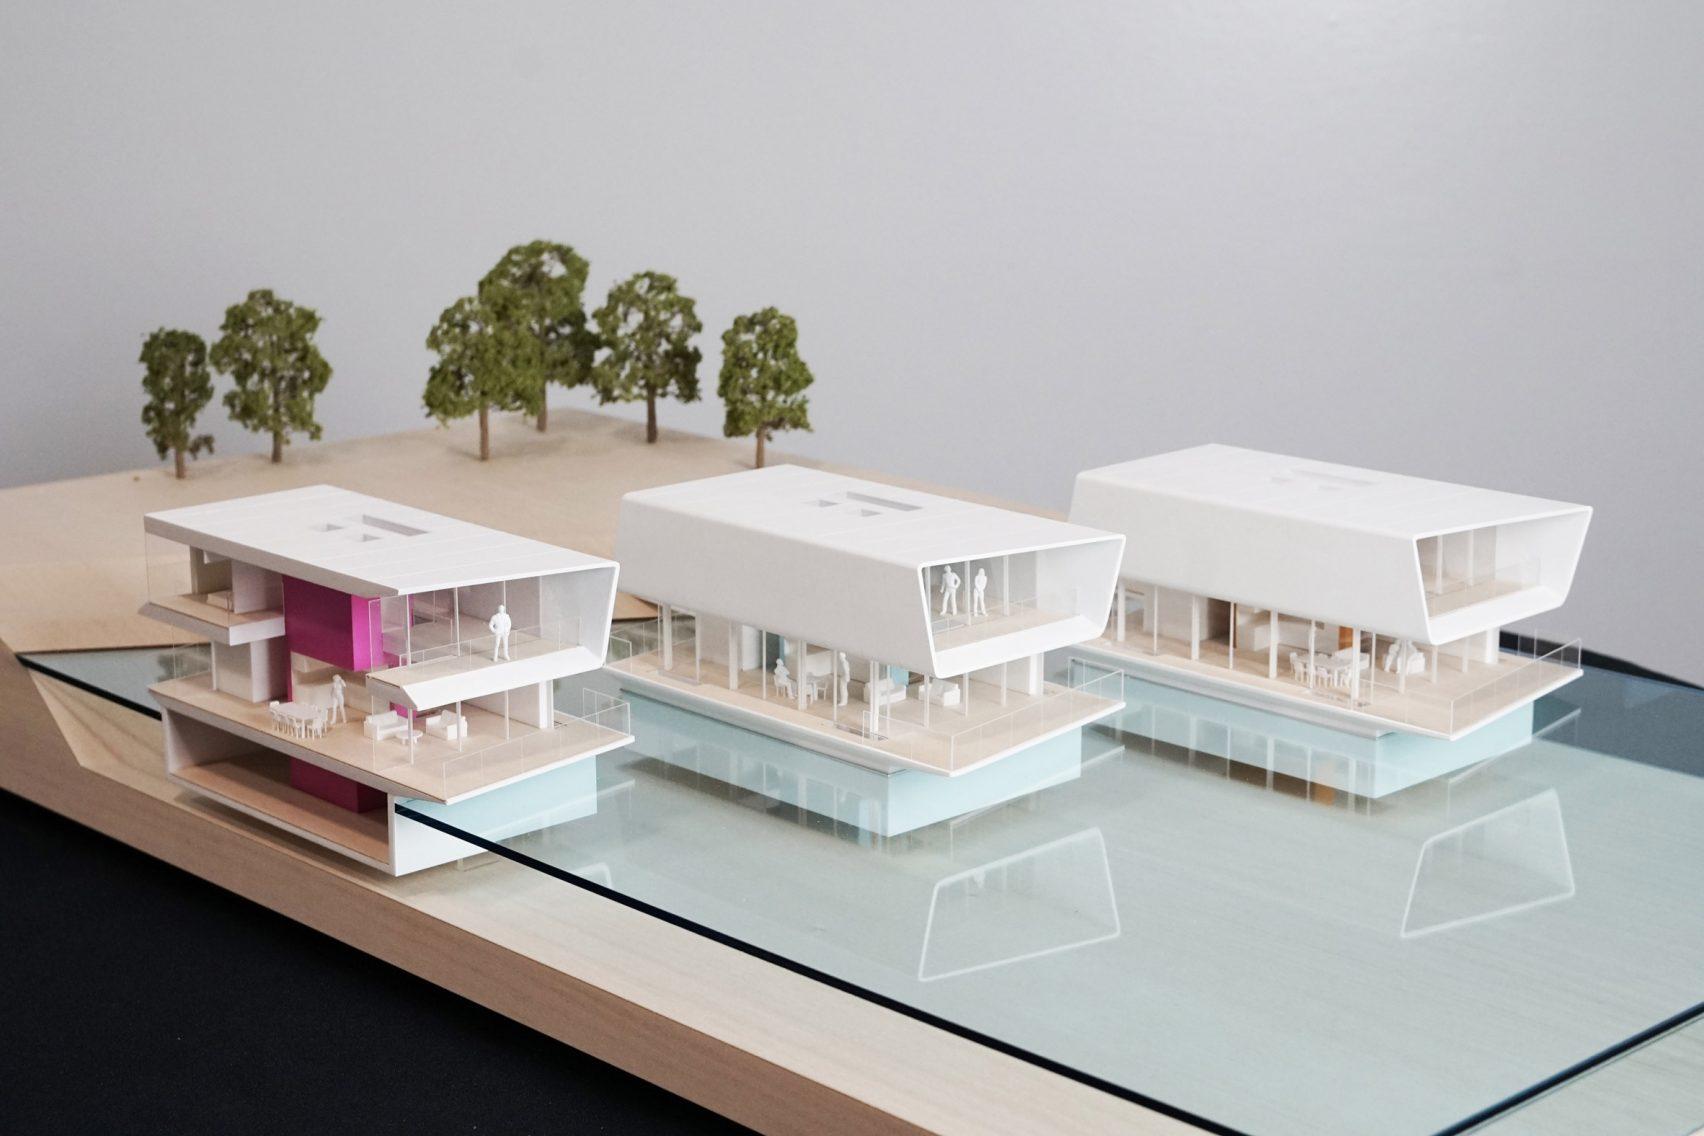 Desain Rumah Apung, Solusi Hunian Terjangkau